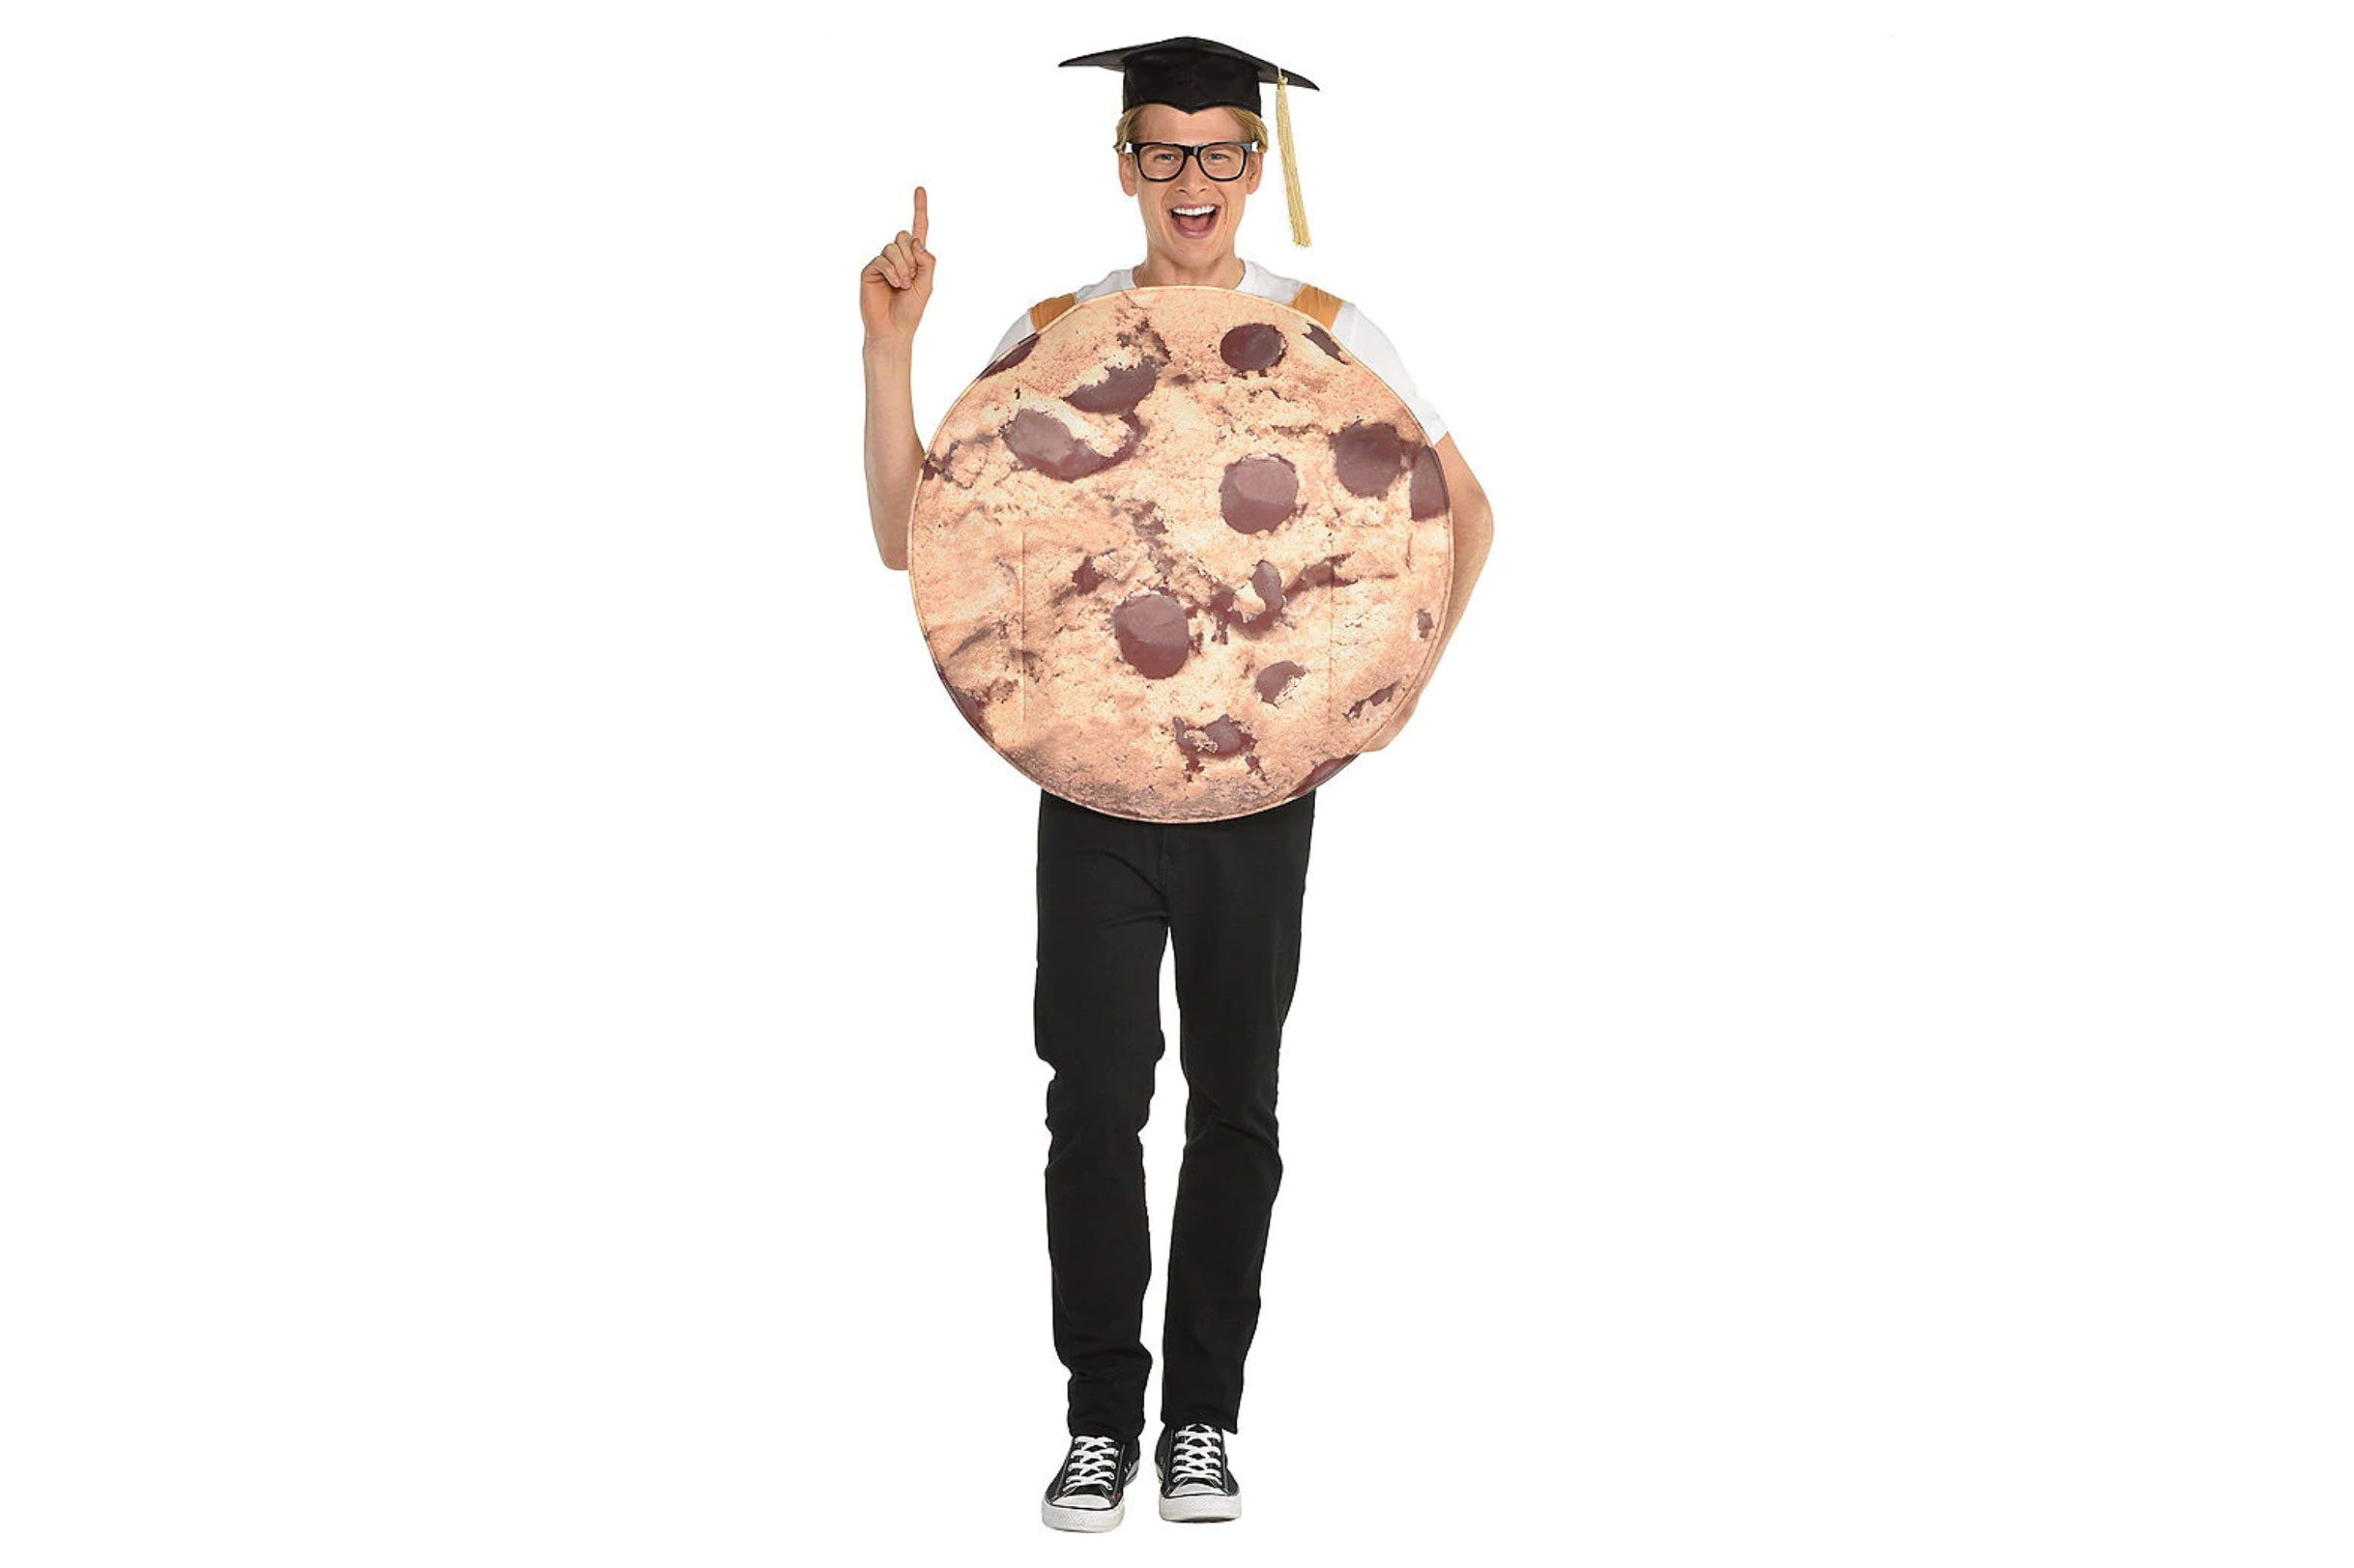 smart cookie halloween costume